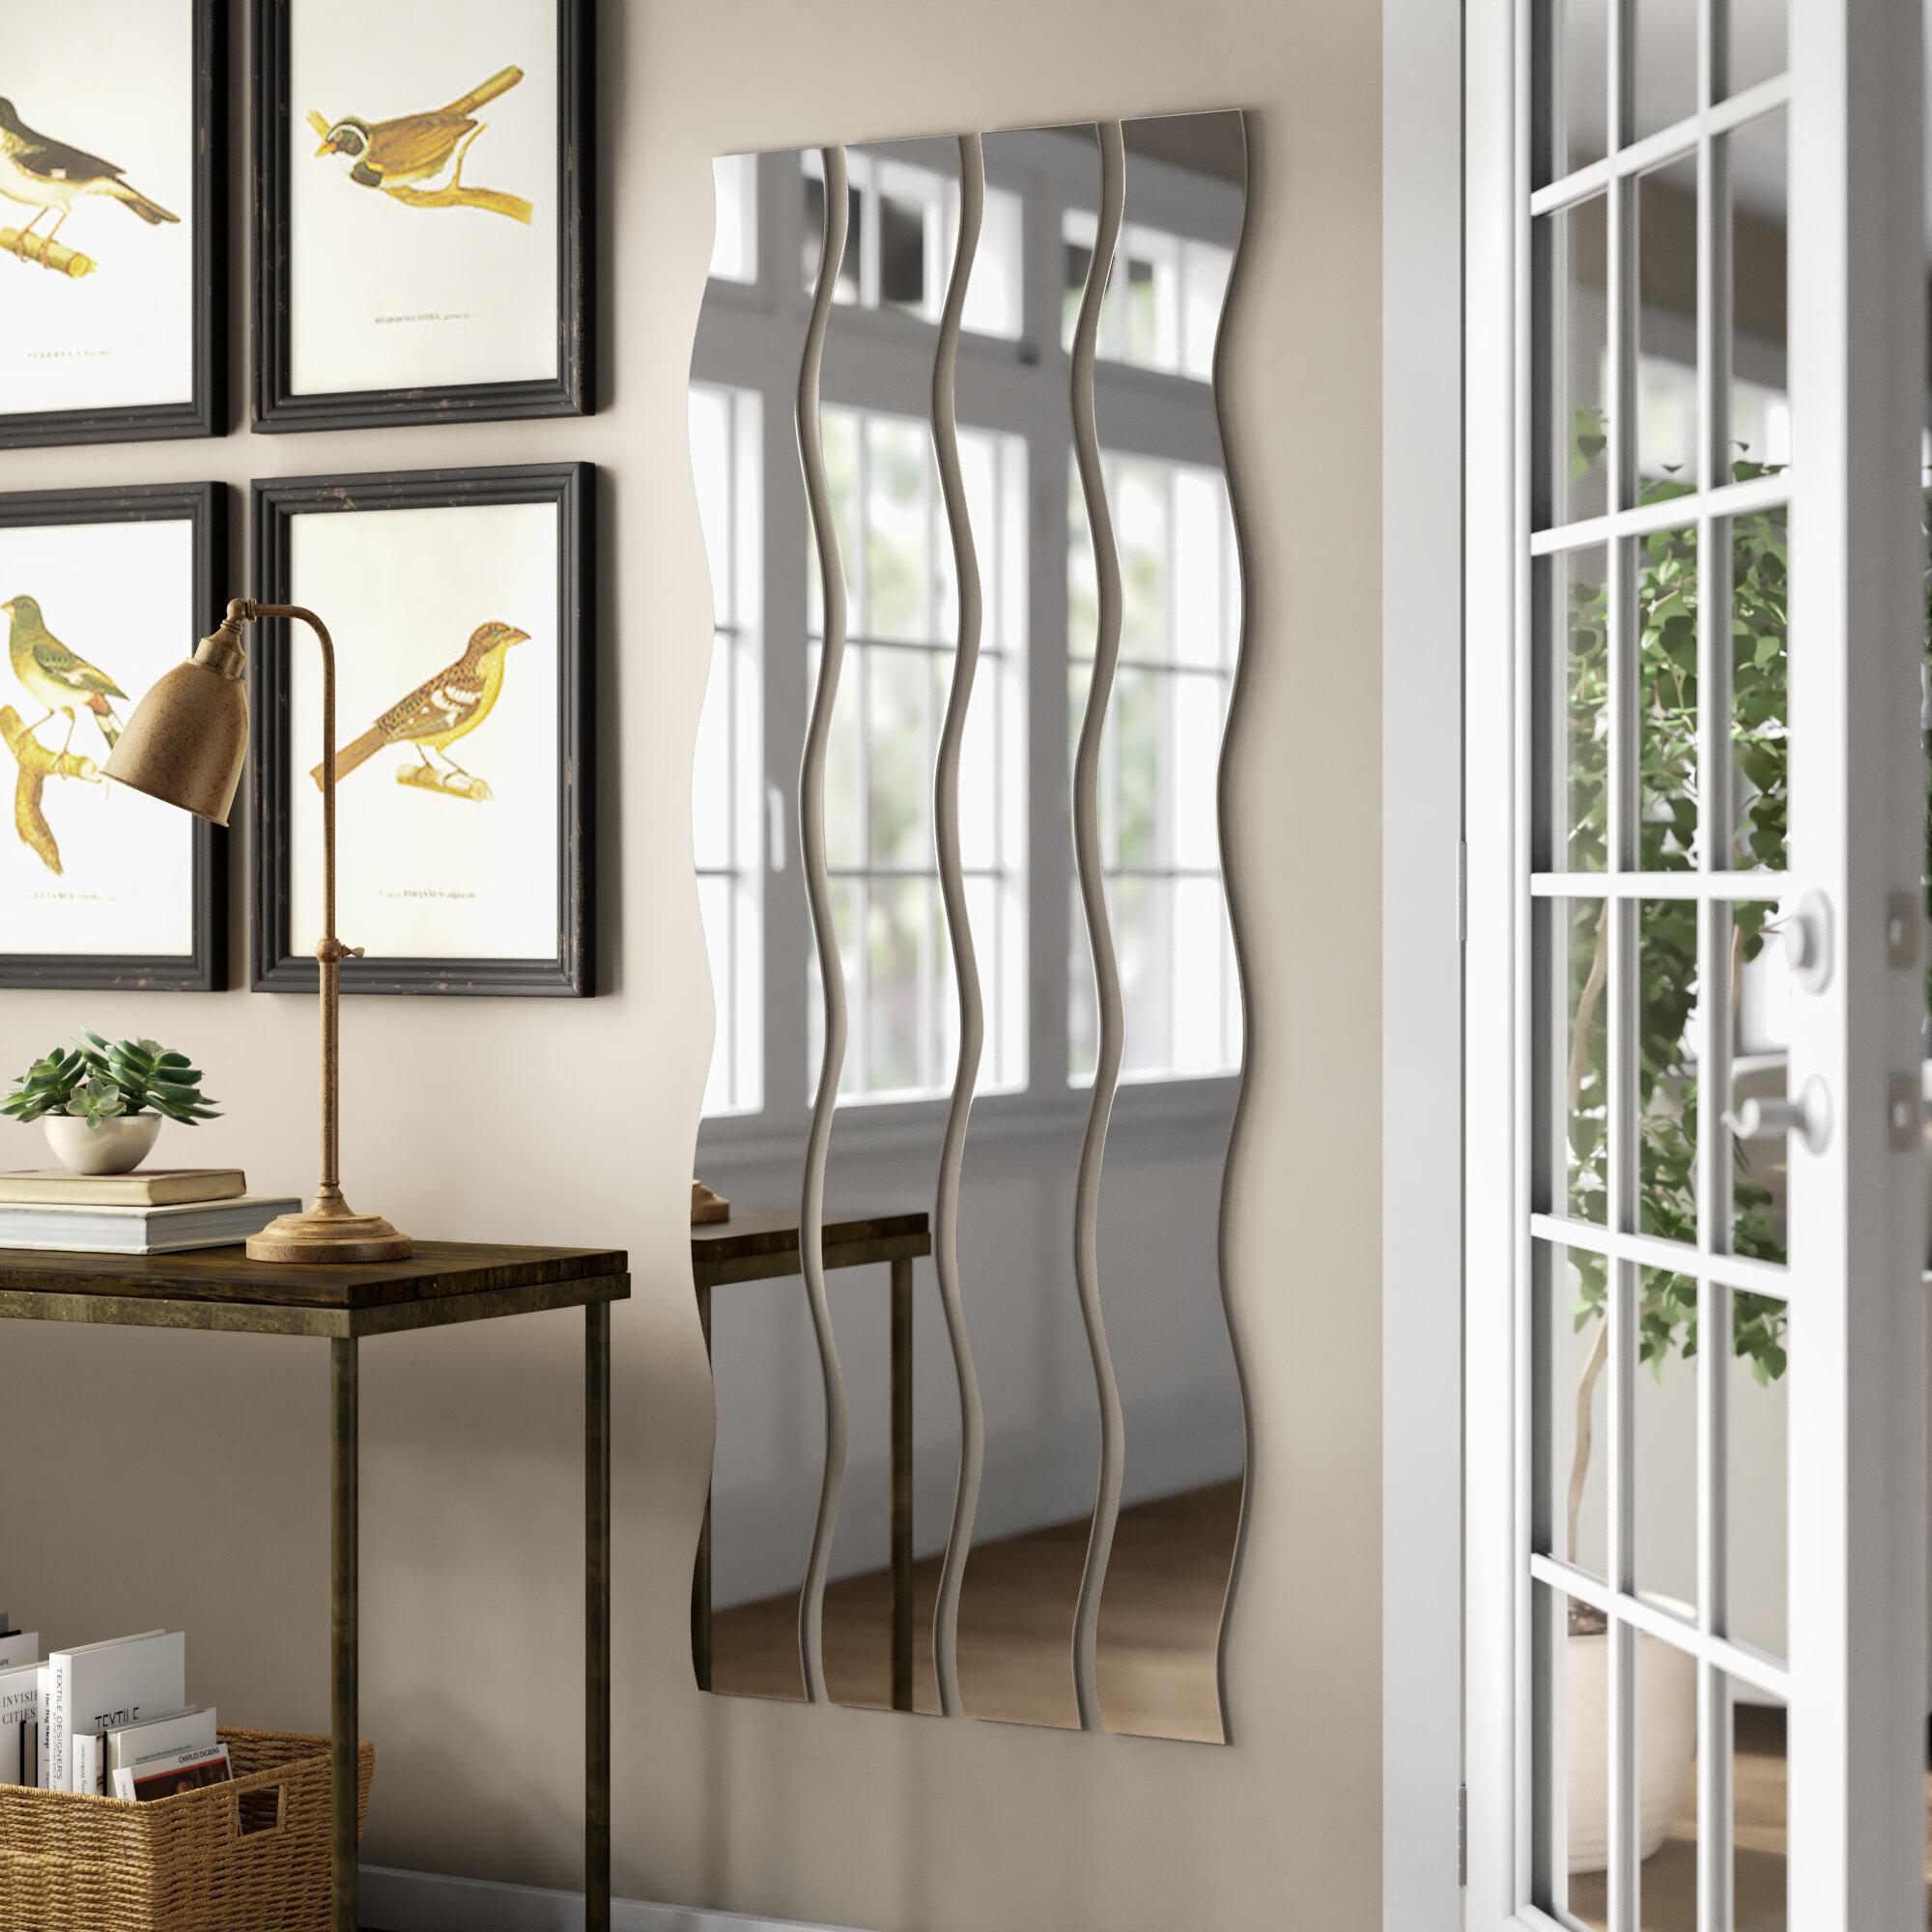 4 Piece Elidge Wave Strip Modern & Contemporary Wall Mirror Set